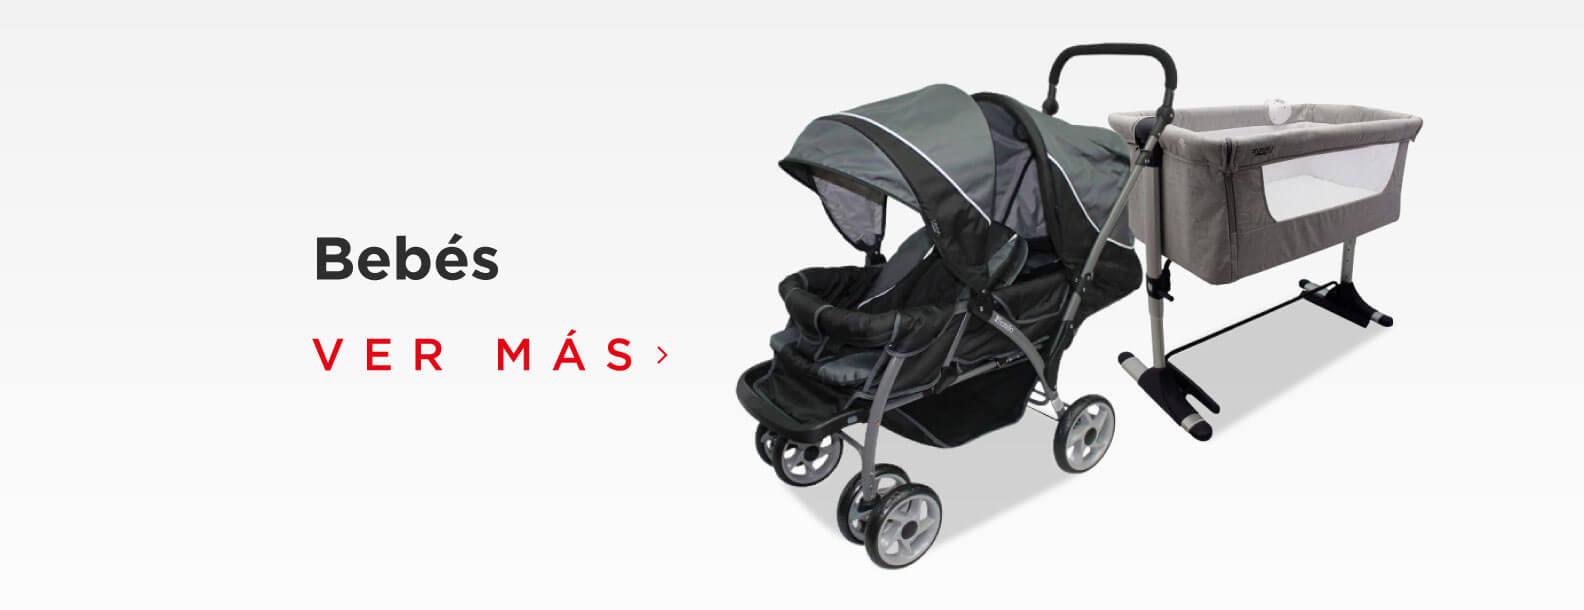 Increíbles productos para tu bebé, variedad de carriolas, cunas, artículos de cuidado y monitoreo para bebés.